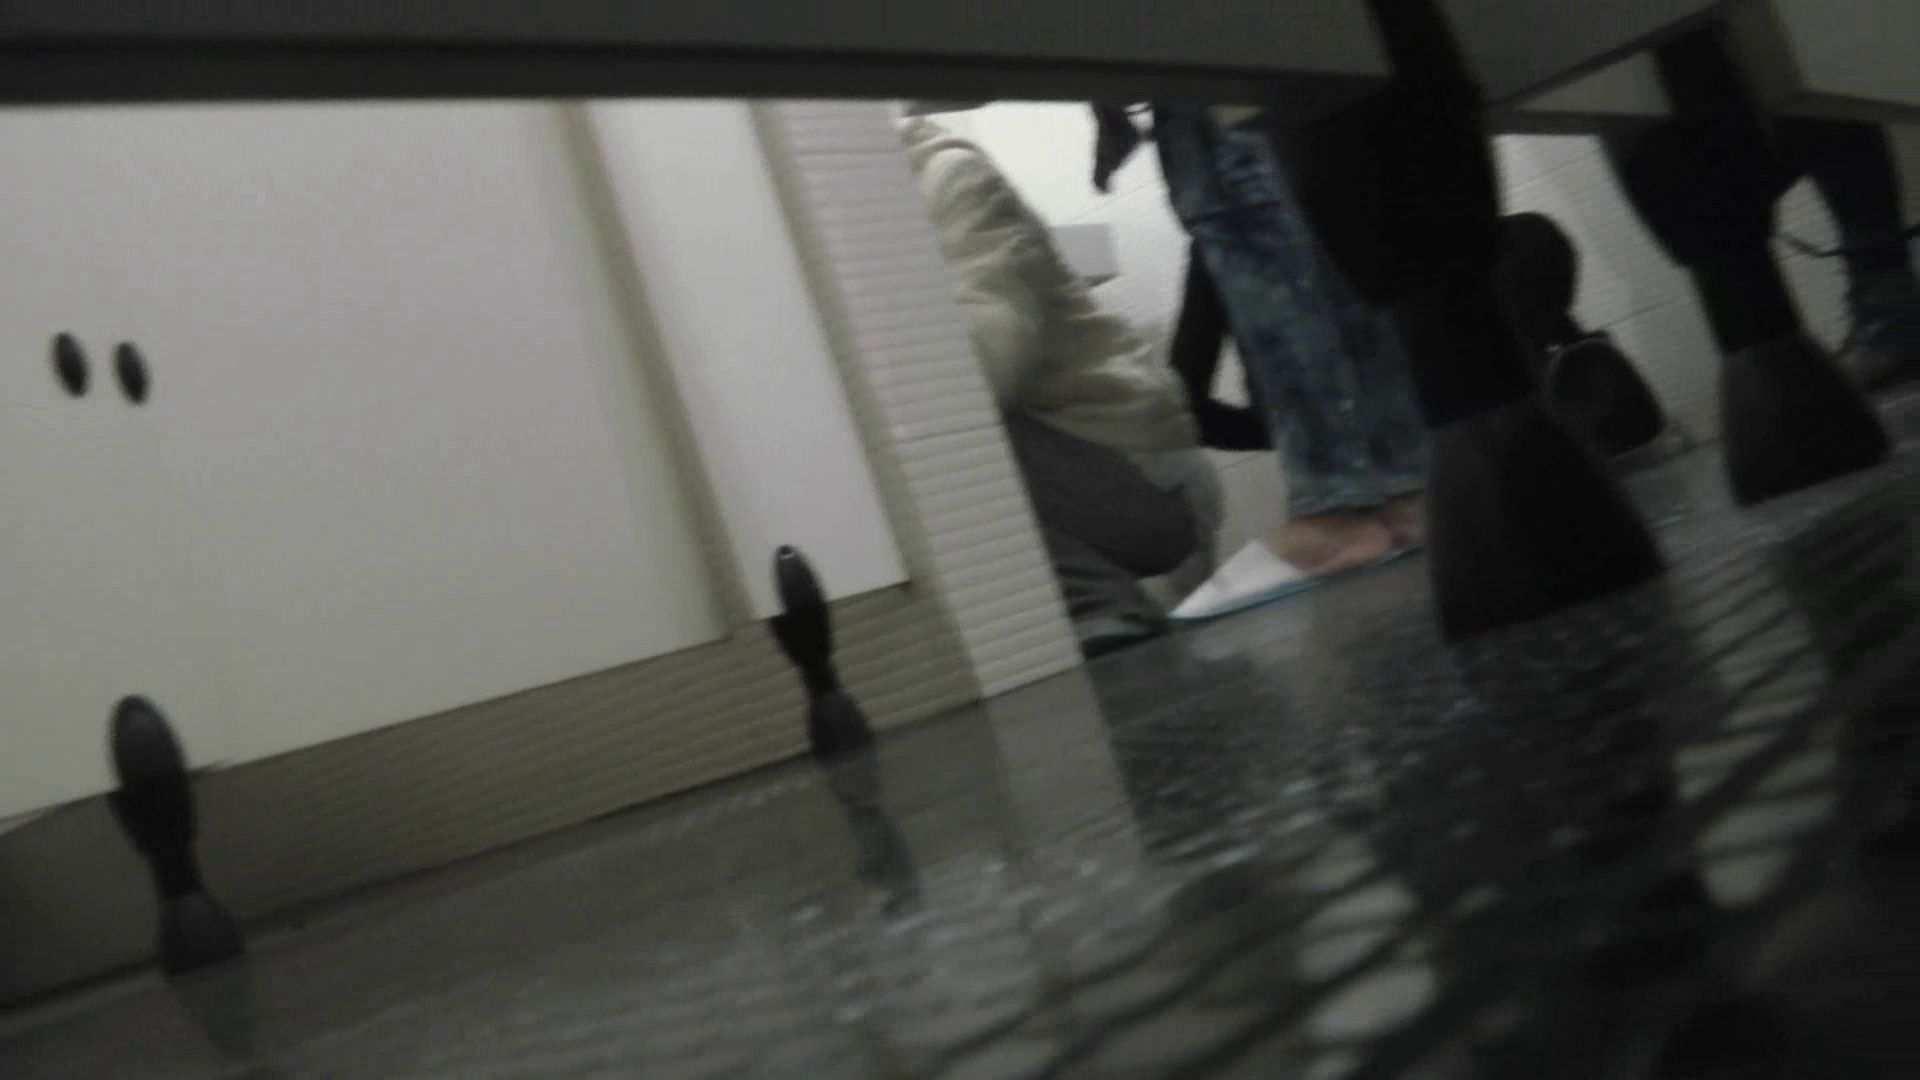 【日本成人用品展览会。超模如云】vol.01 着替|空爆 潜入突撃  103pic 15